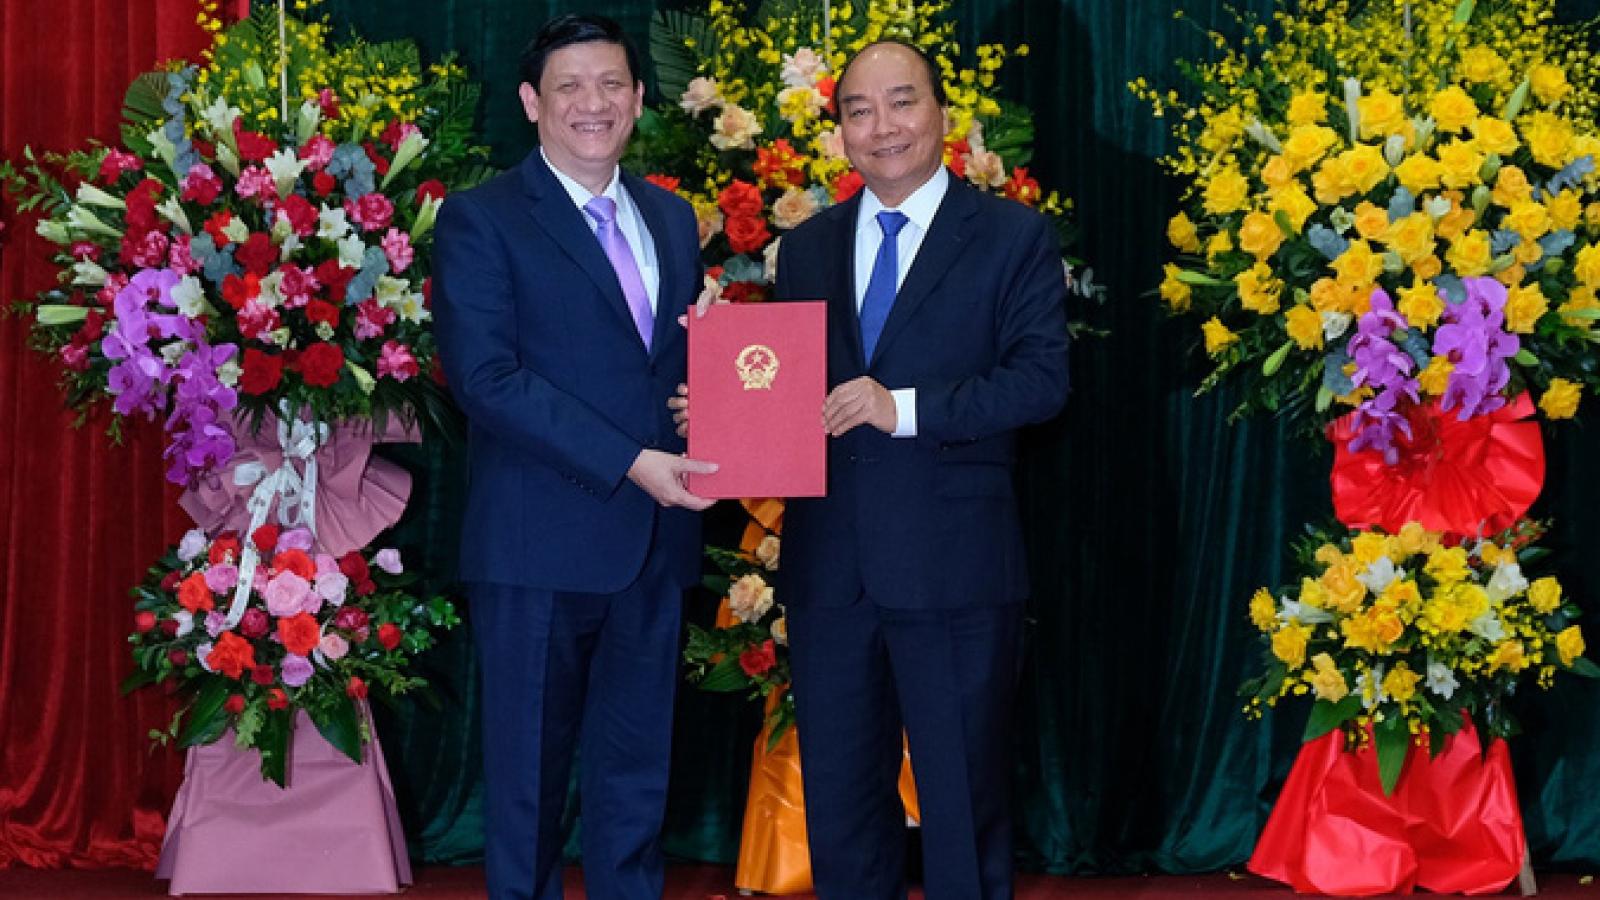 Thủ tướng trao Quyết định bổ nhiệm Bộ trưởng Bộ Y tế cho GS Nguyễn Thanh Long